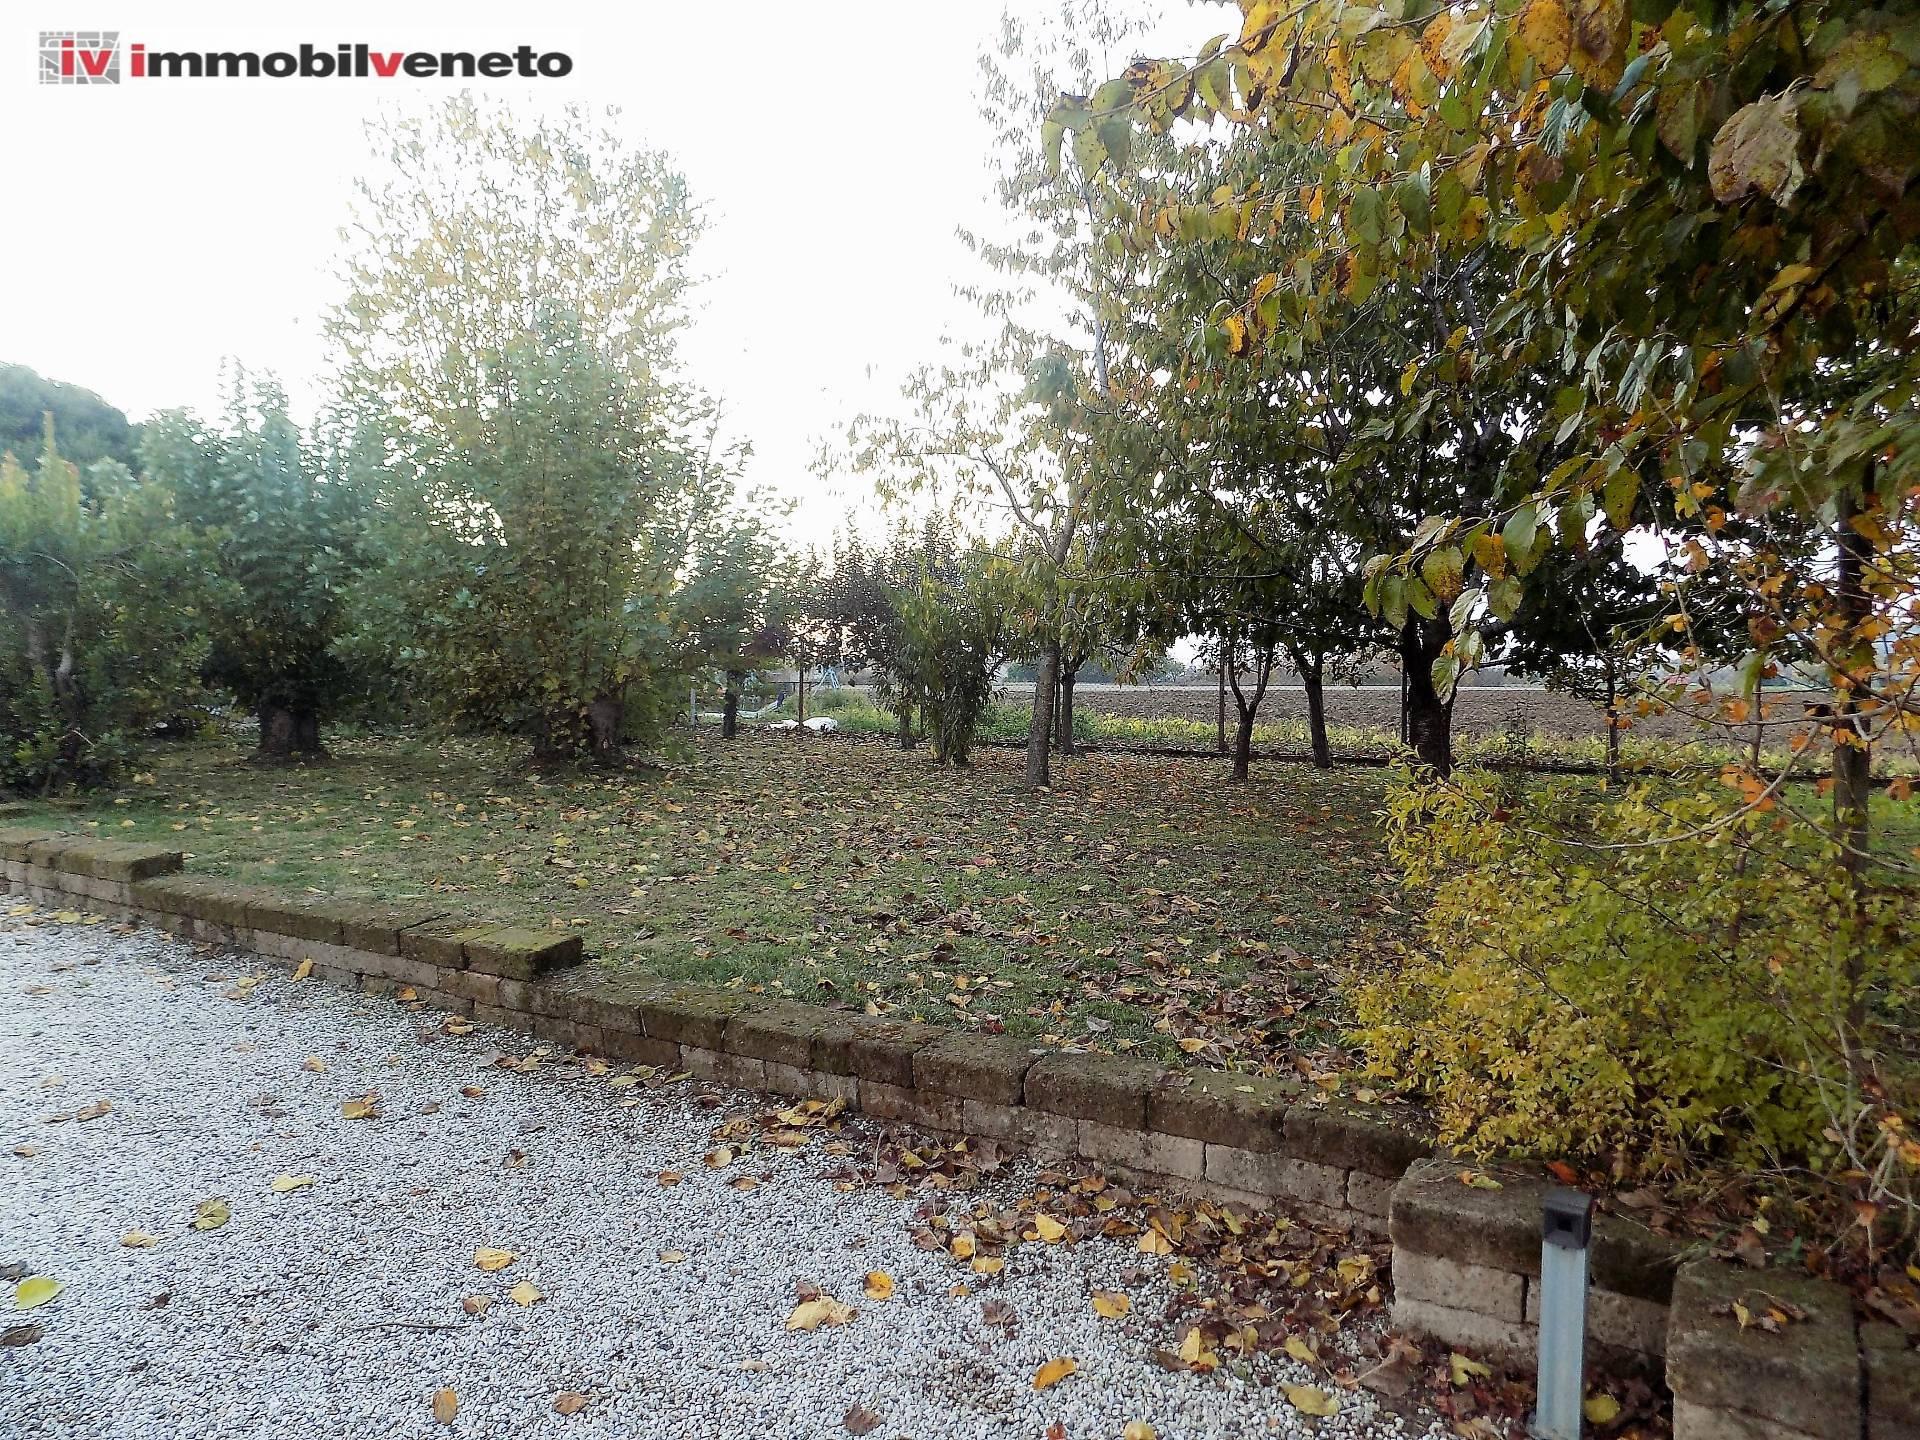 Rustico / Casale in vendita a Orgiano, 5 locali, zona Zona: Pilastro, prezzo € 70.000 | CambioCasa.it